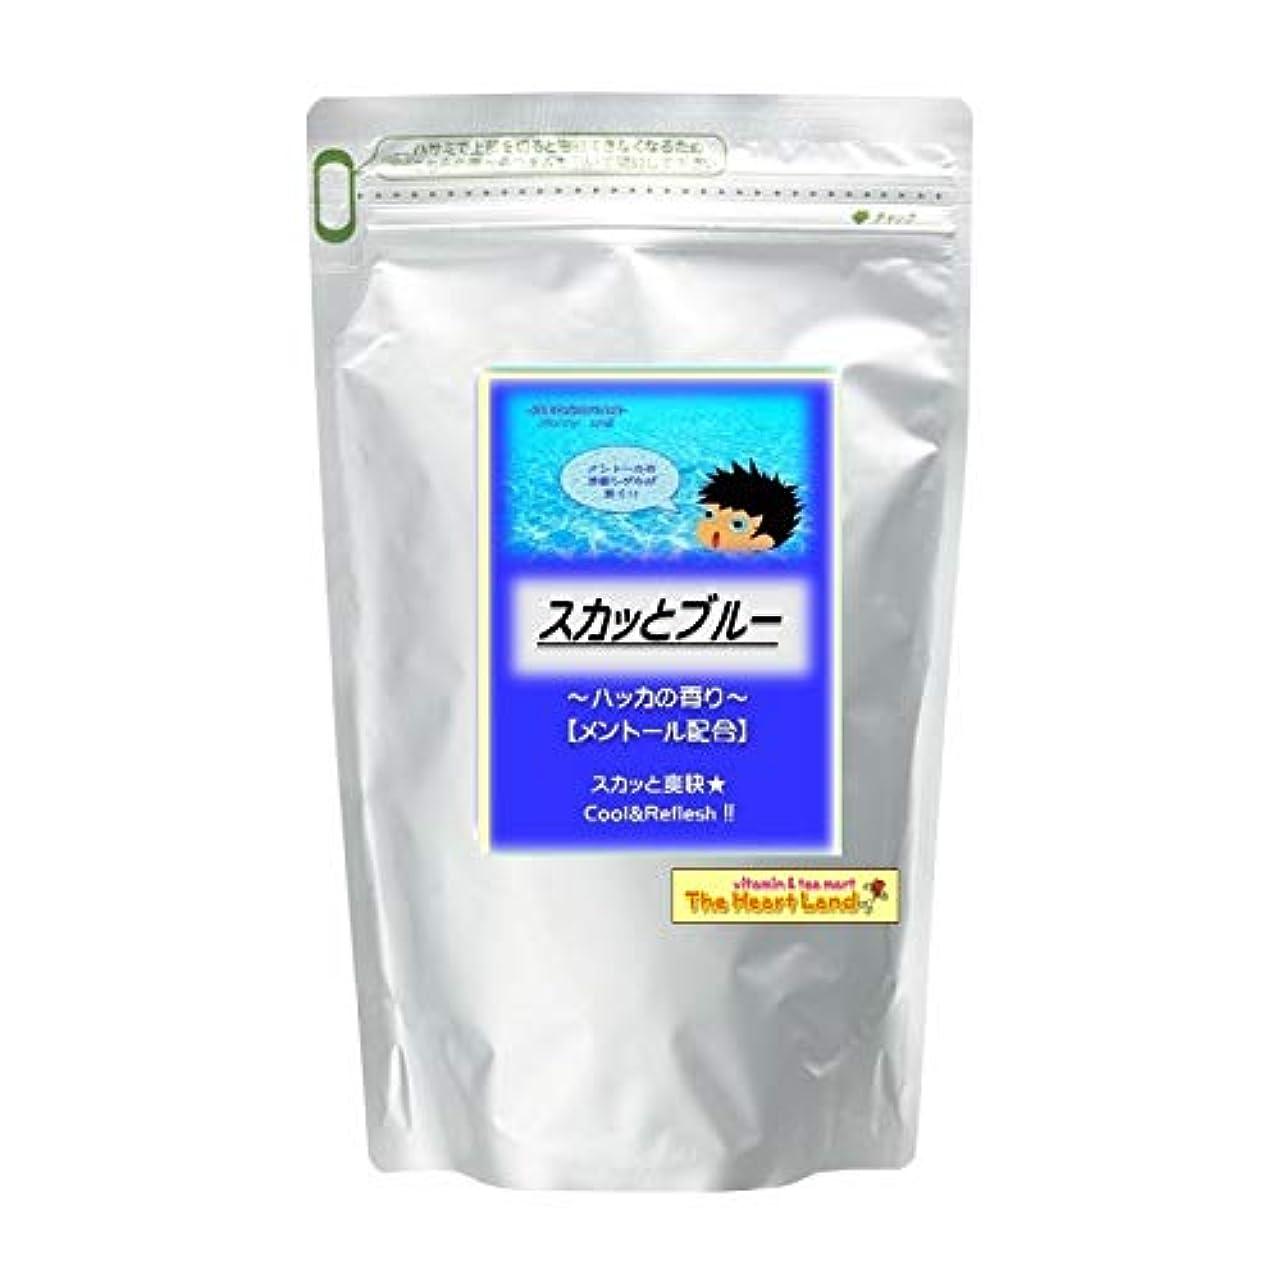 半径違反知性アサヒ入浴剤 浴用入浴化粧品 スカッとブルー 2.5kg